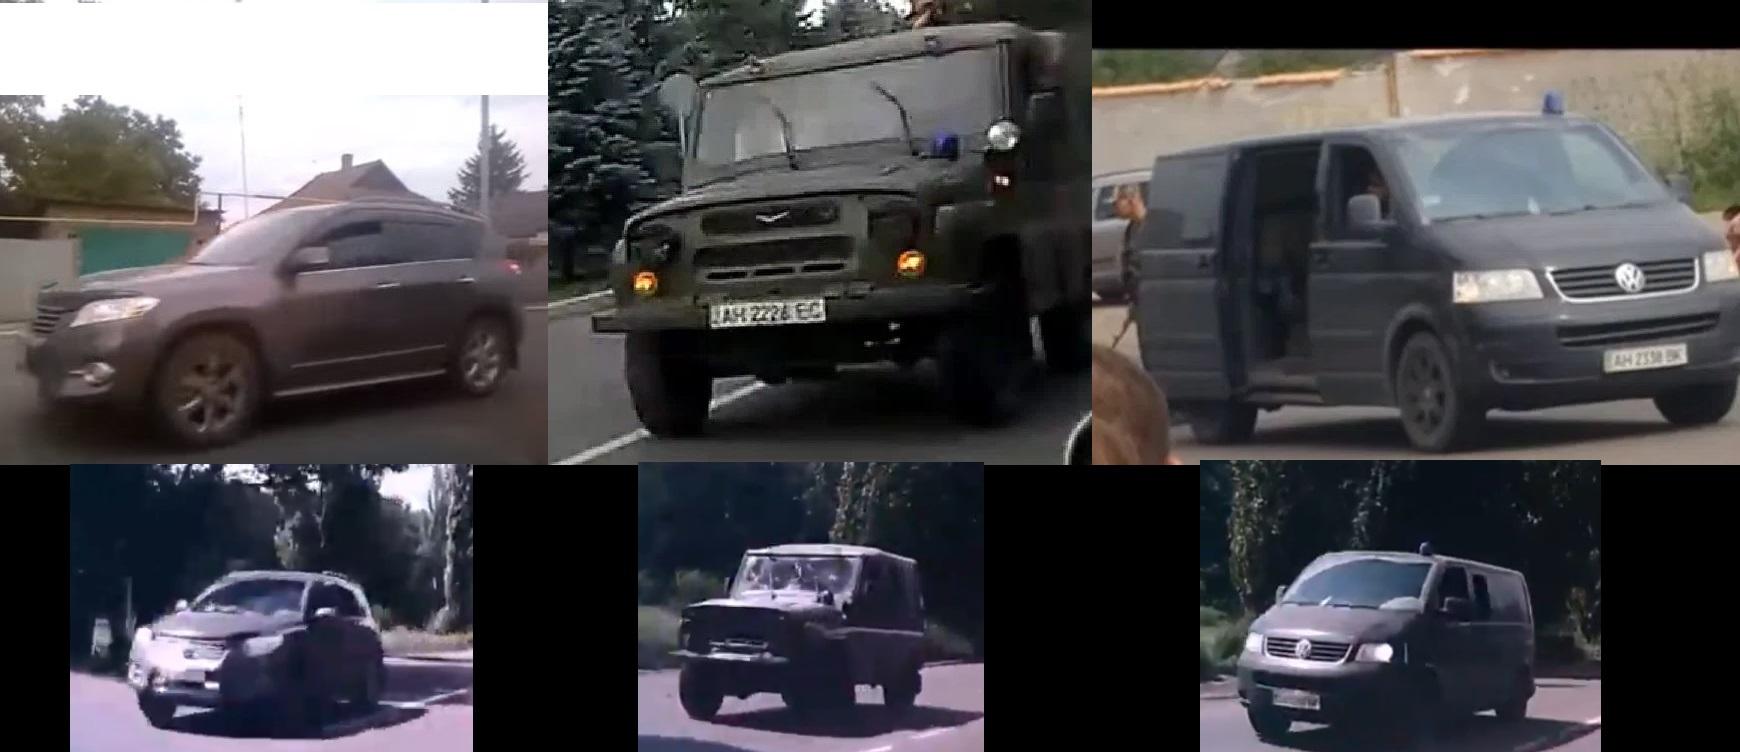 Сравнение машин с видео 15 июля (вверху) и 17 июля в Макеевке на востоке Украины (внизу).